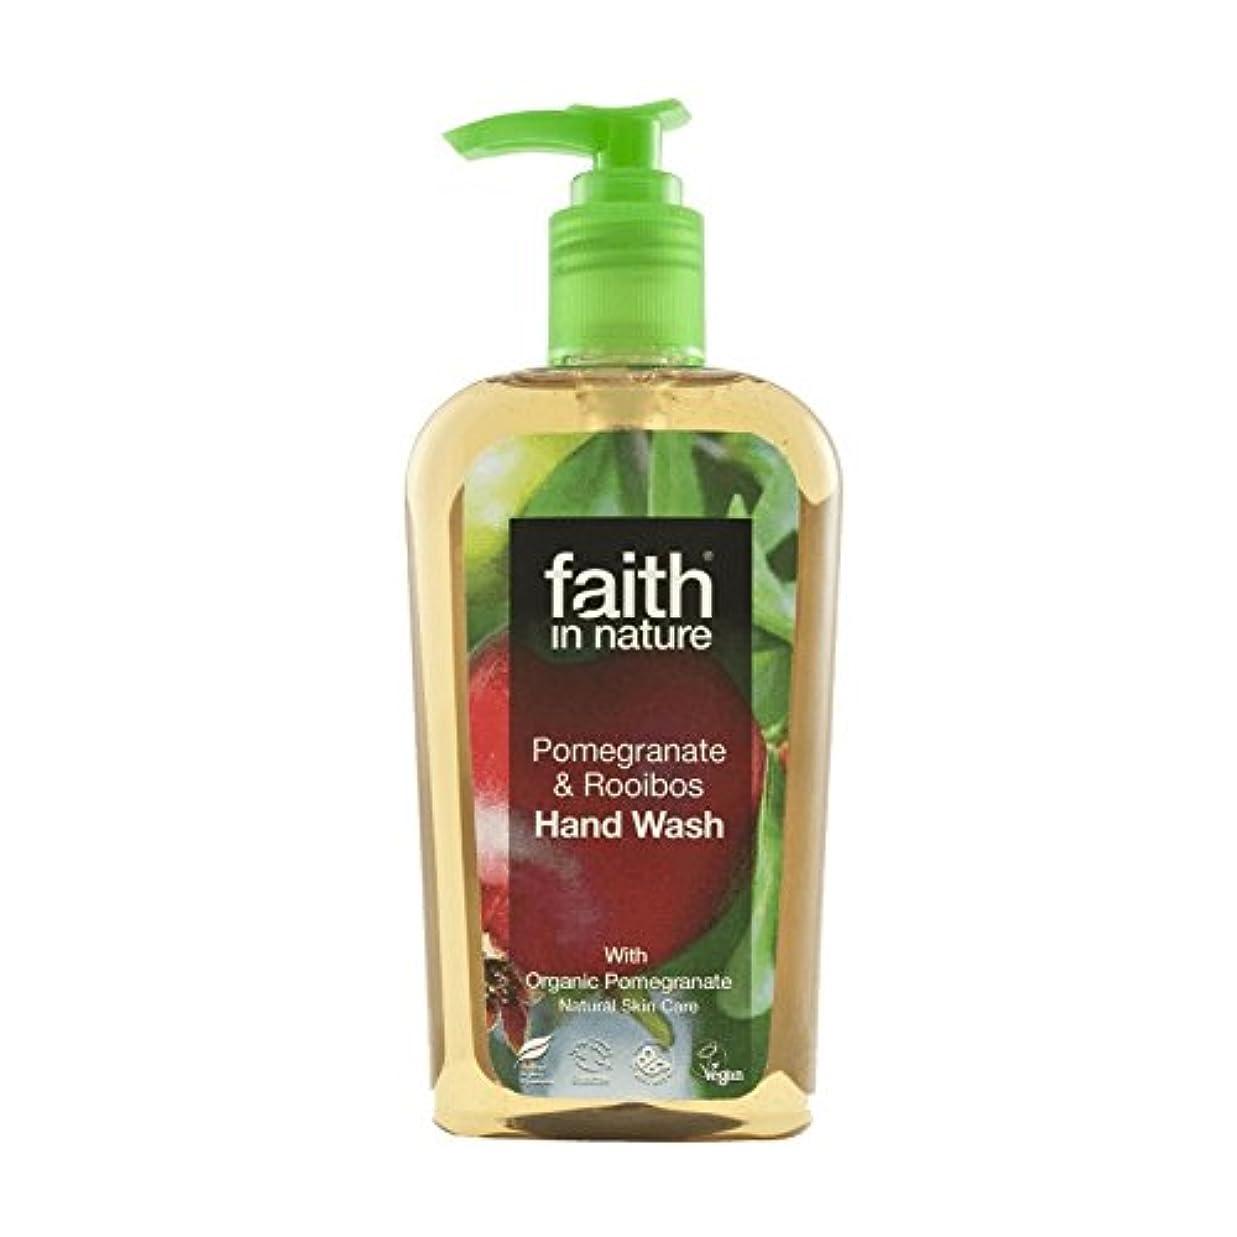 自然ザクロ&ルイボス手洗いの300ミリリットルの信仰 - Faith In Nature Pomegranate & Rooibos Handwash 300ml (Faith in Nature) [並行輸入品]